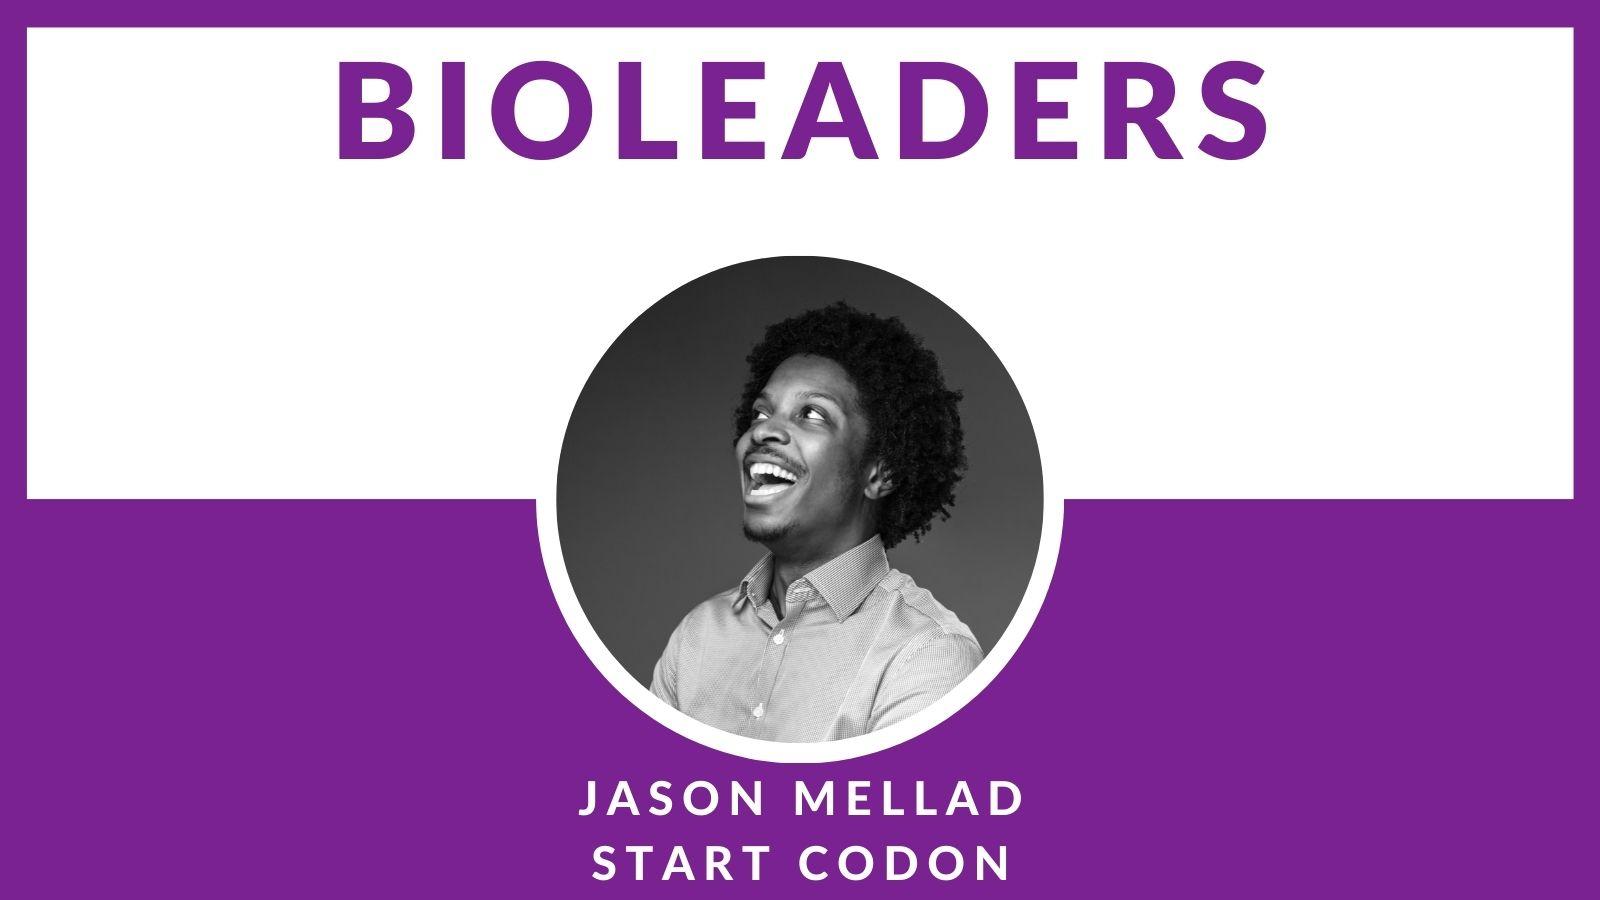 BioLeader Interviewee Jason Mellad